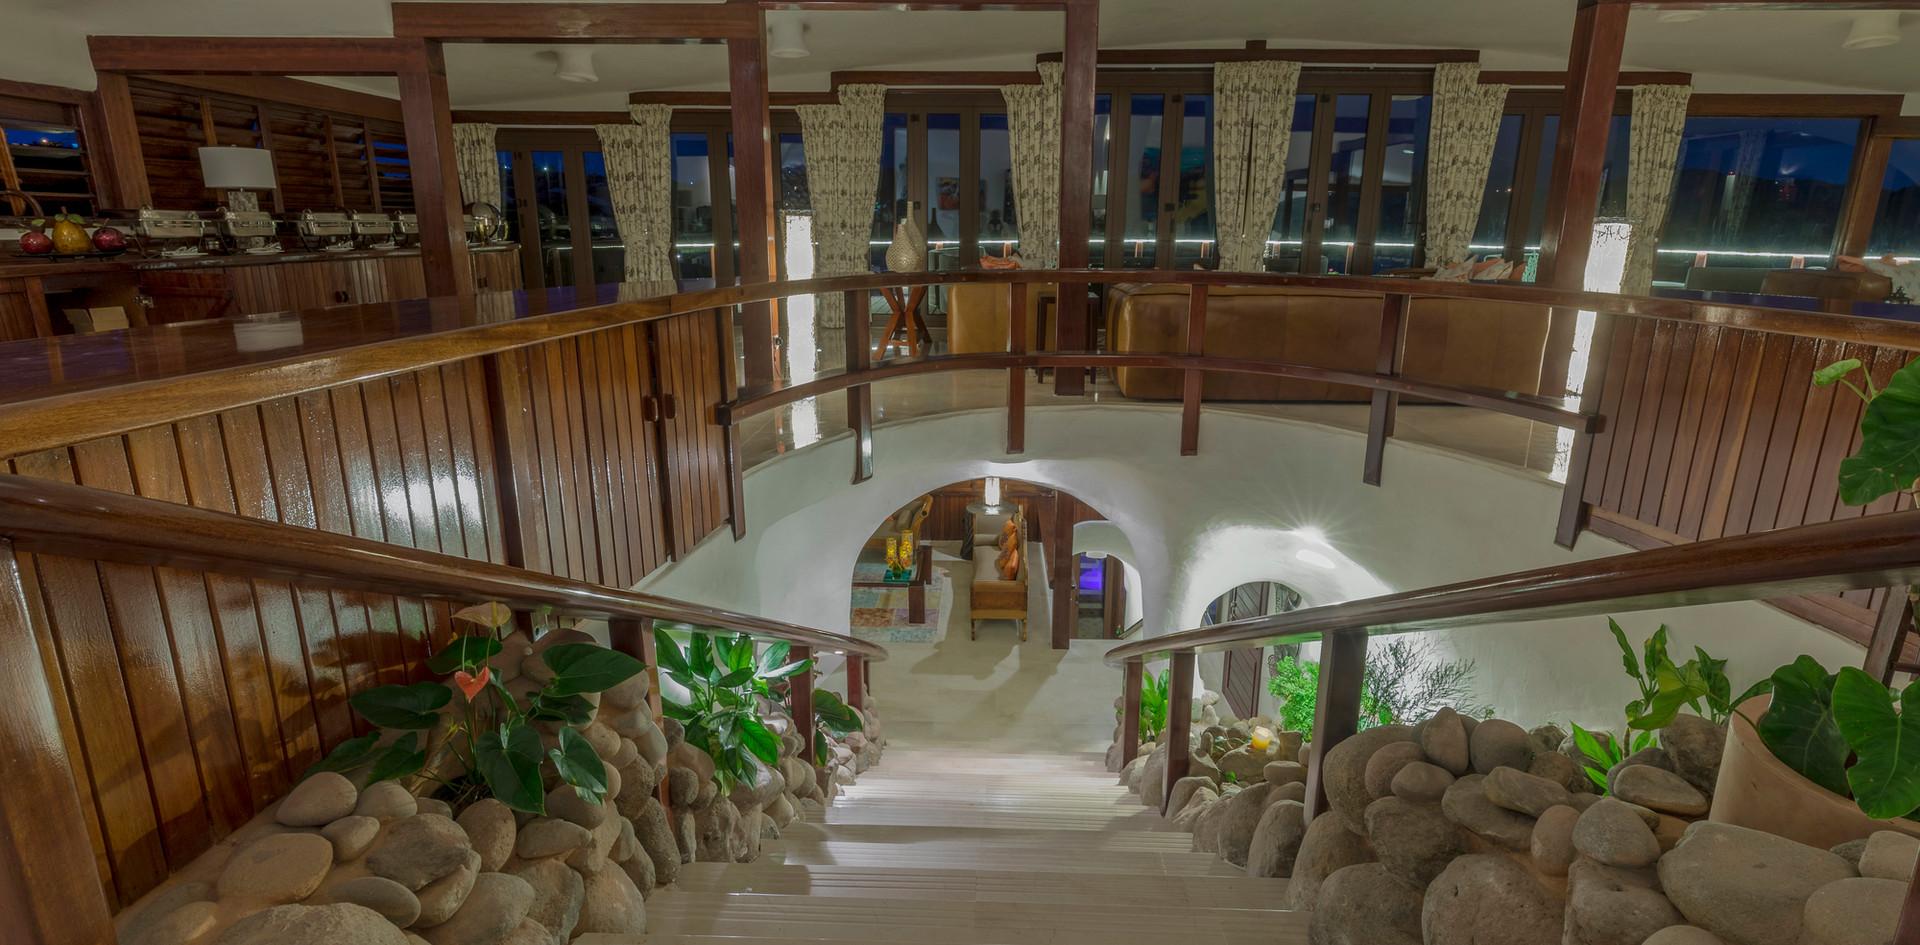 stairslookingdown.jpg